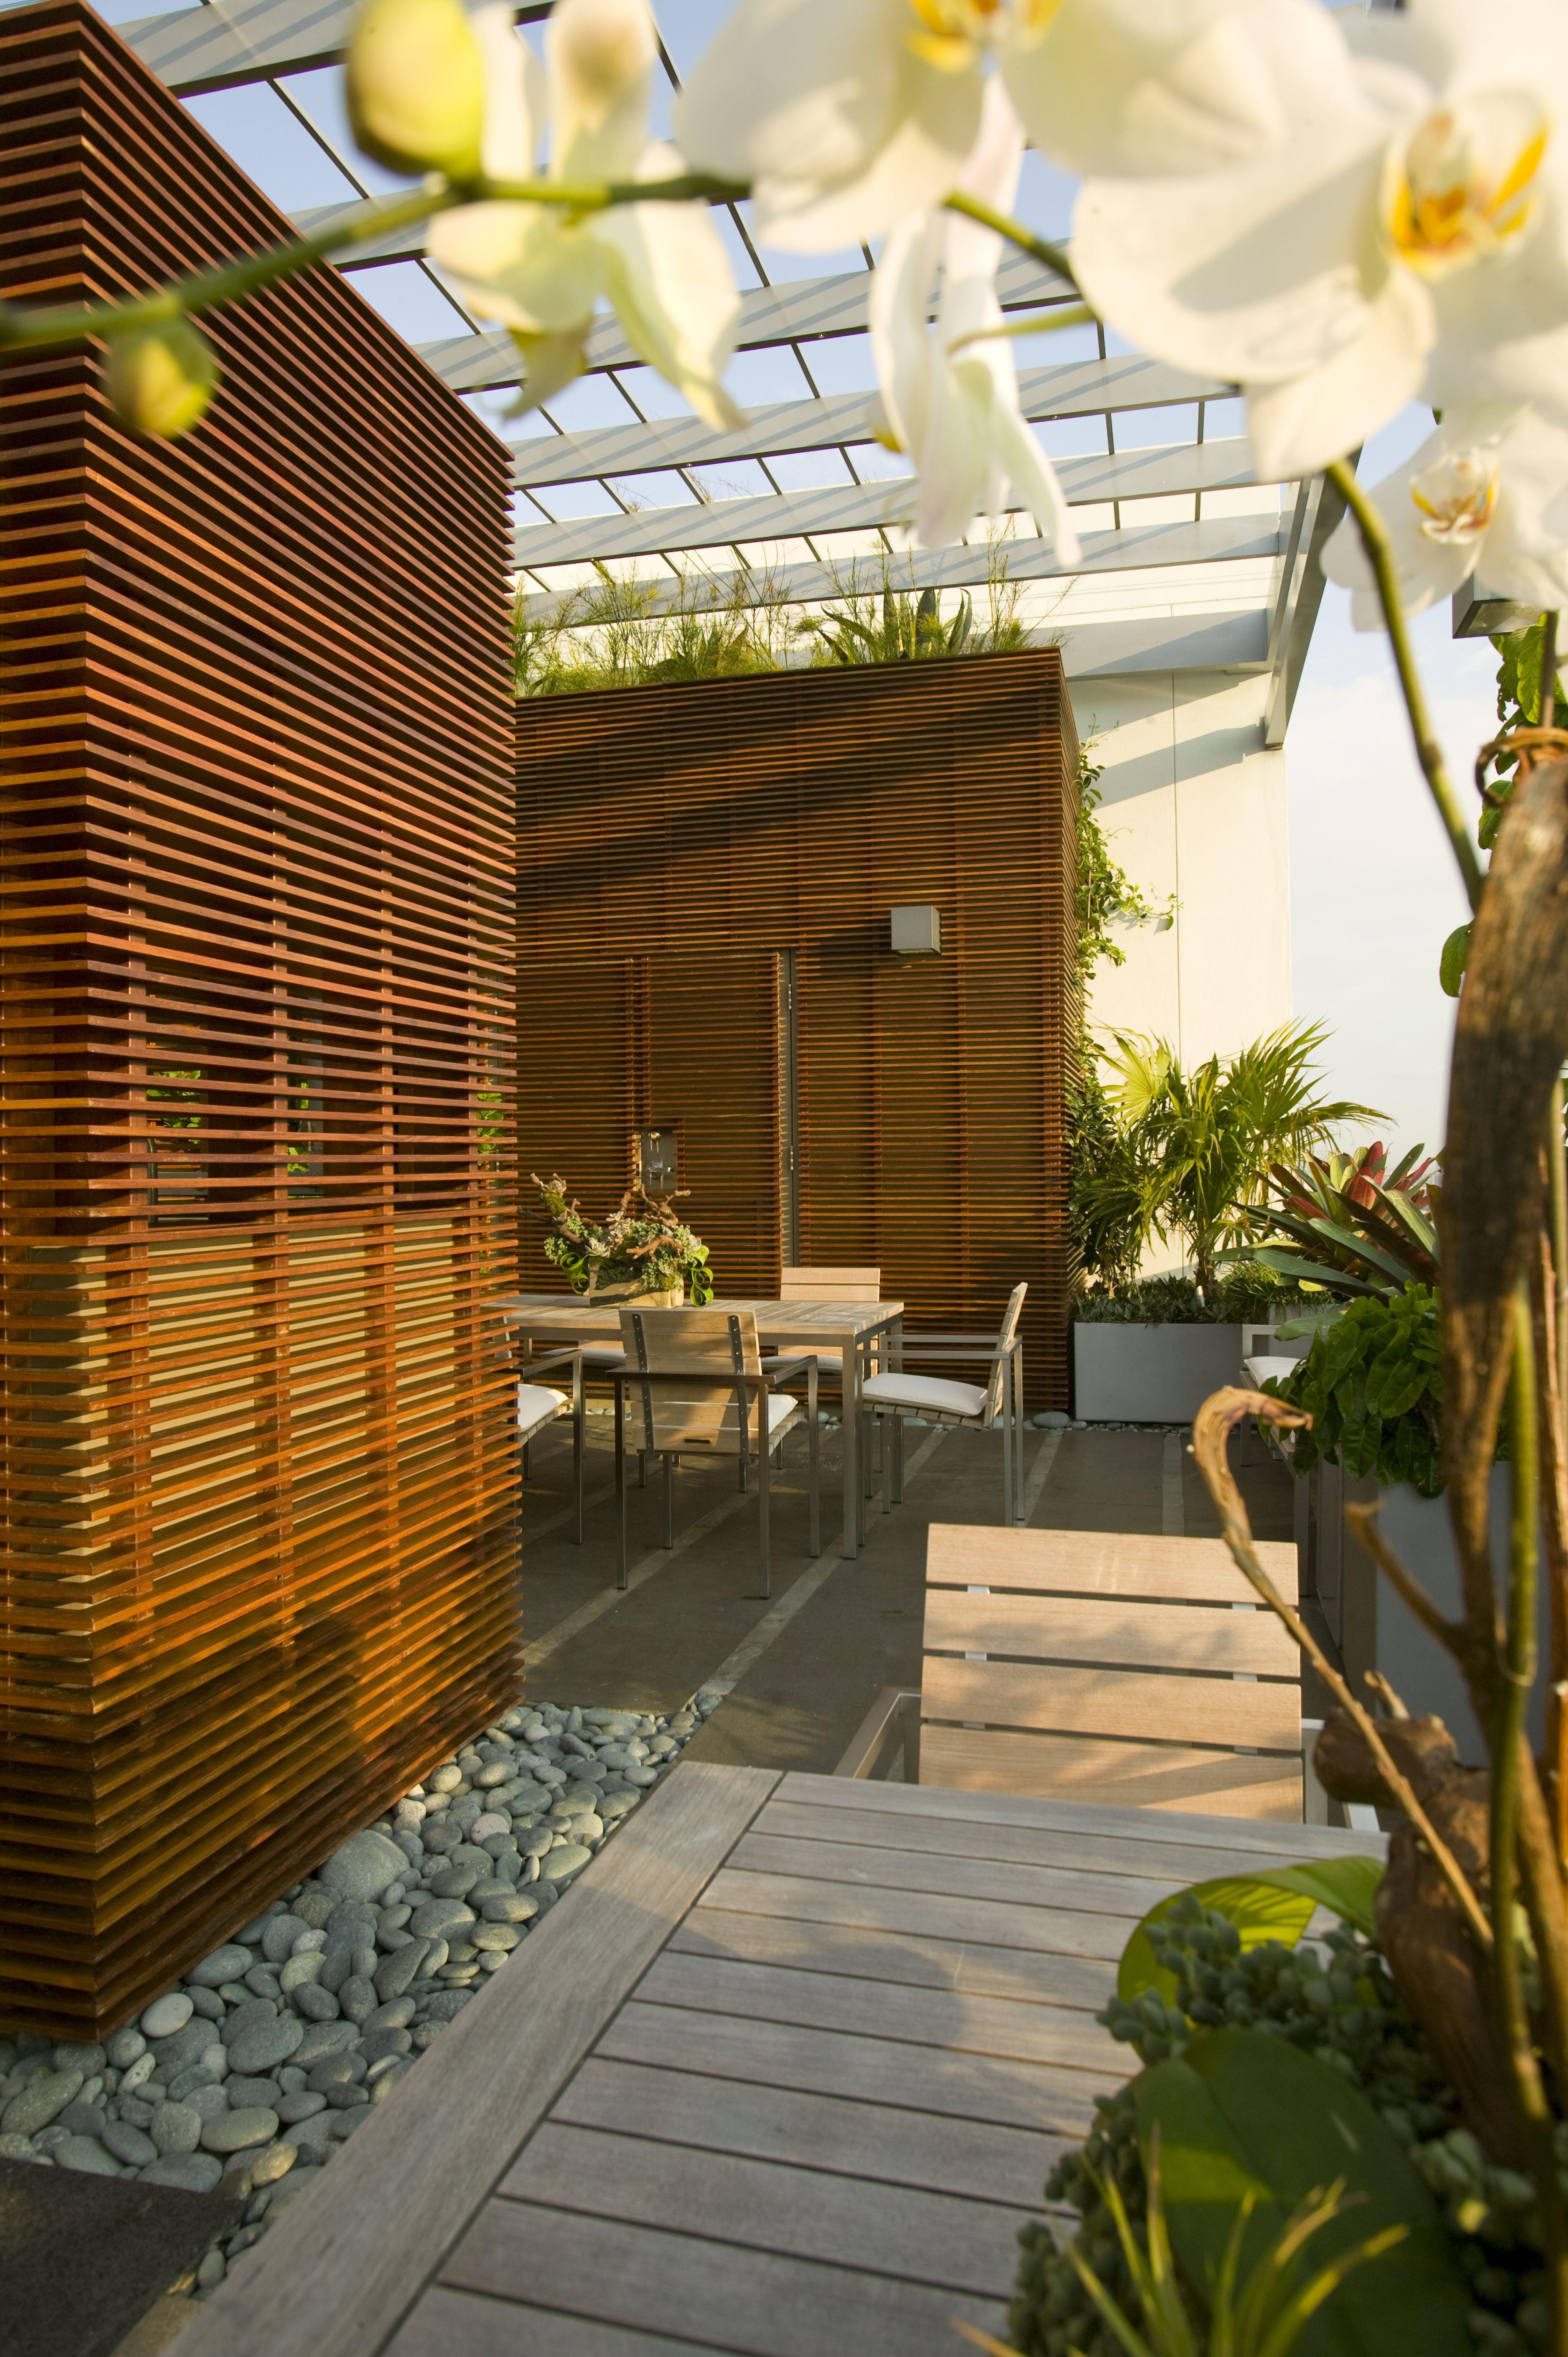 raymond jungles / grovenor rooftop garden, coconut grove | ideen, Gartengerate ideen